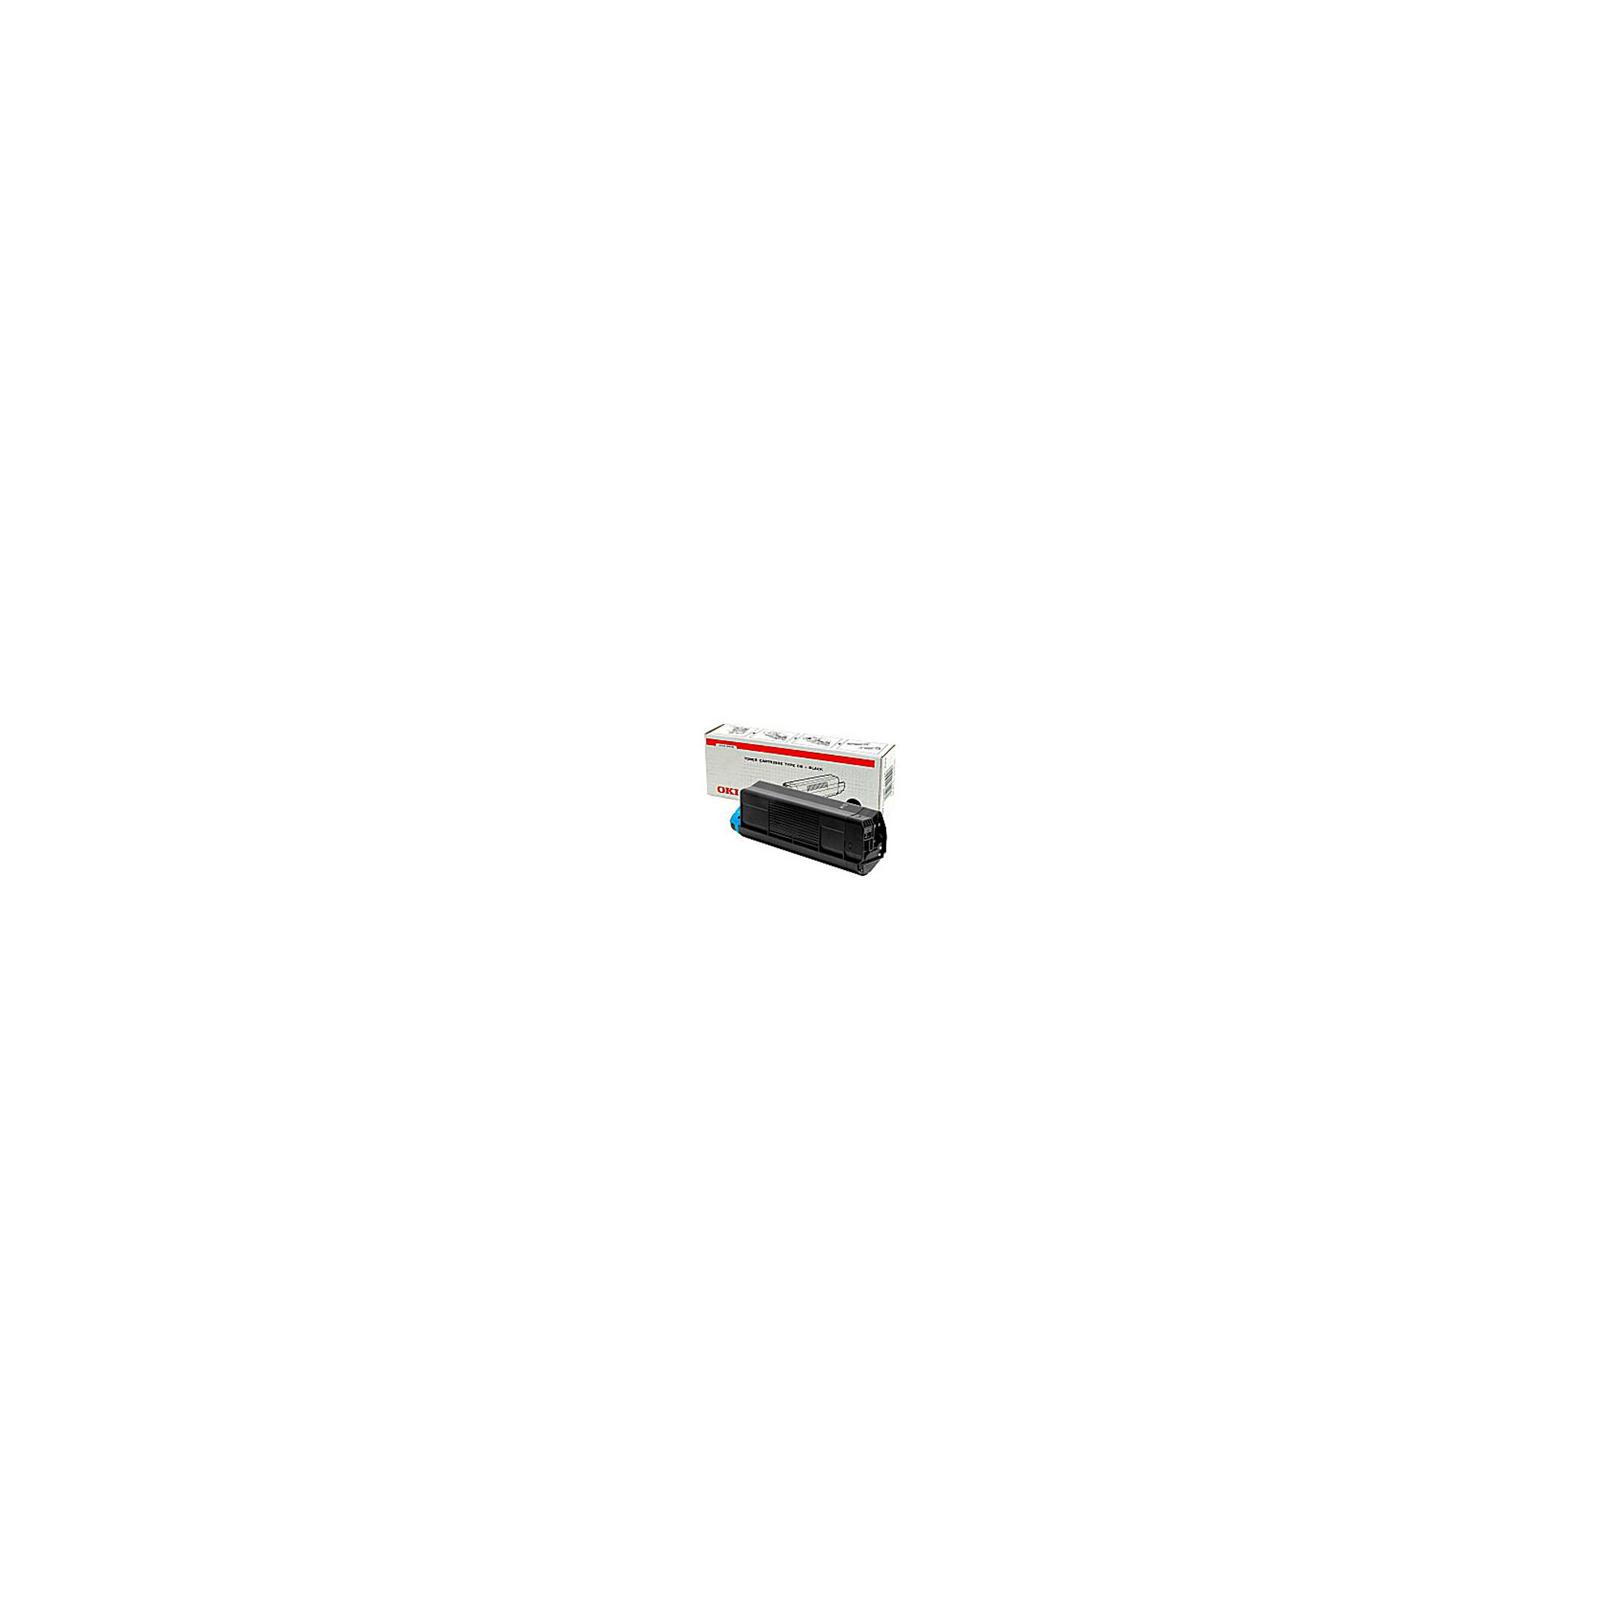 Фотокондуктор OKI C5100/5200/5300/5400 black (42126608)